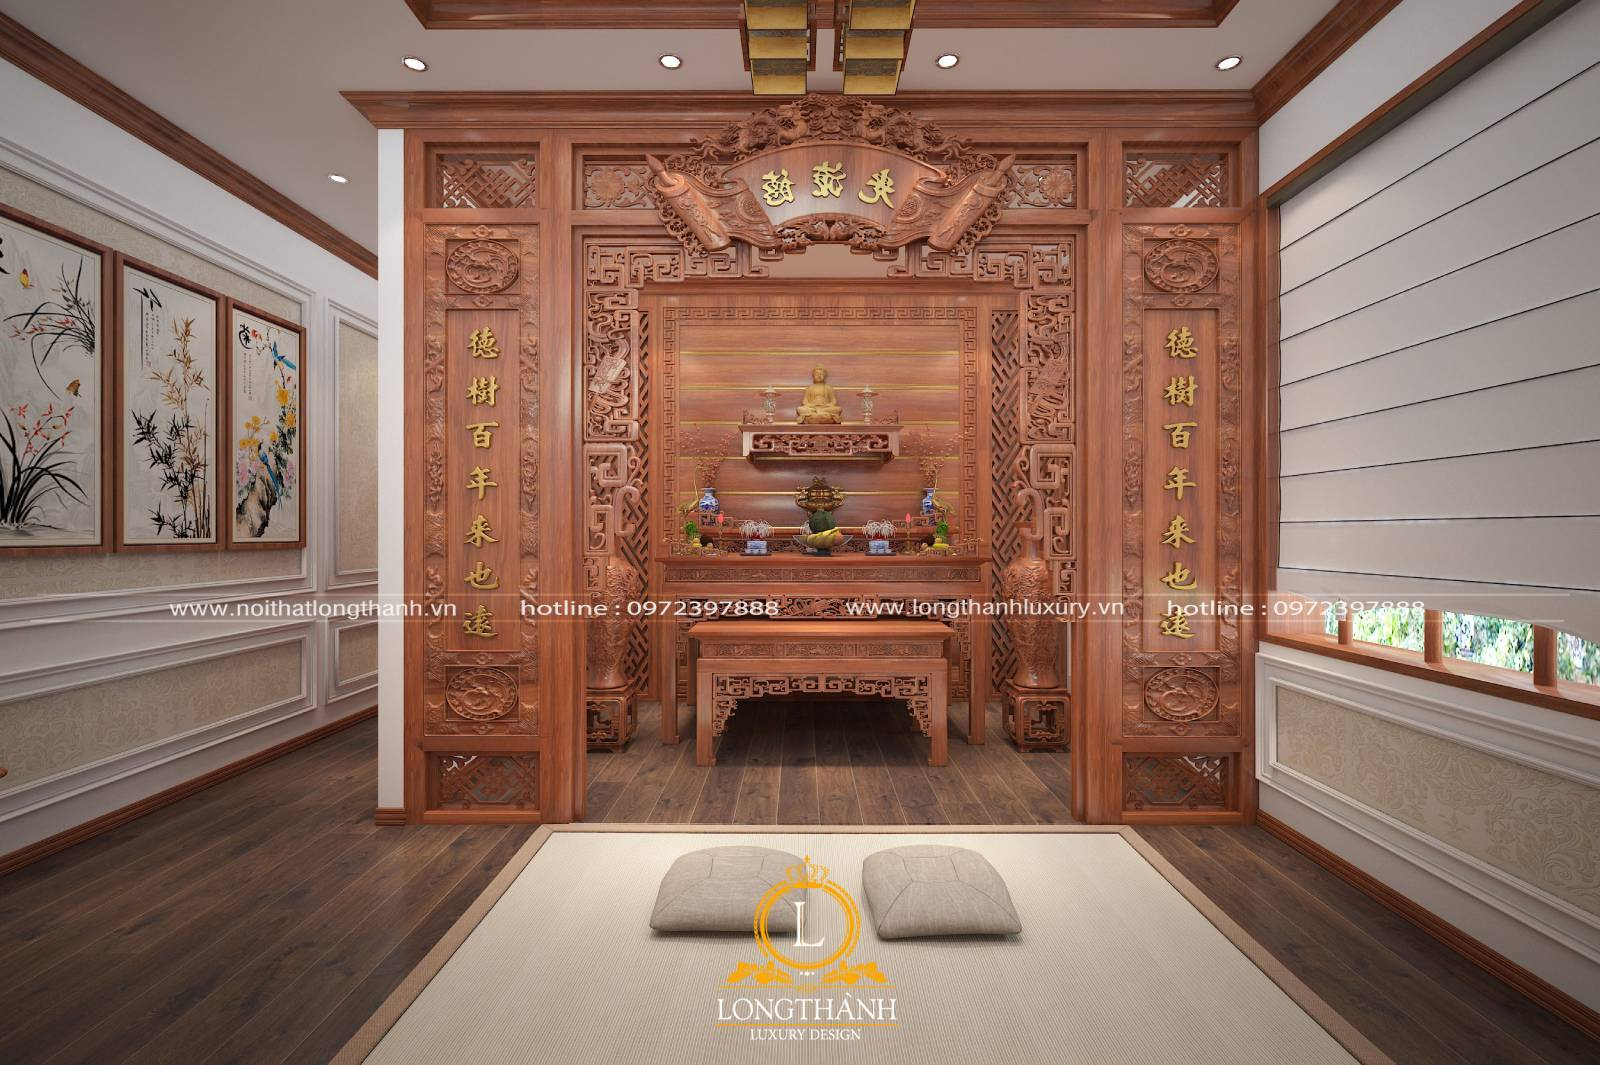 Mẫu bàn thờ gỗ Gụ đẹp 2021 – Chất liệu khẳng định đẳng cấp